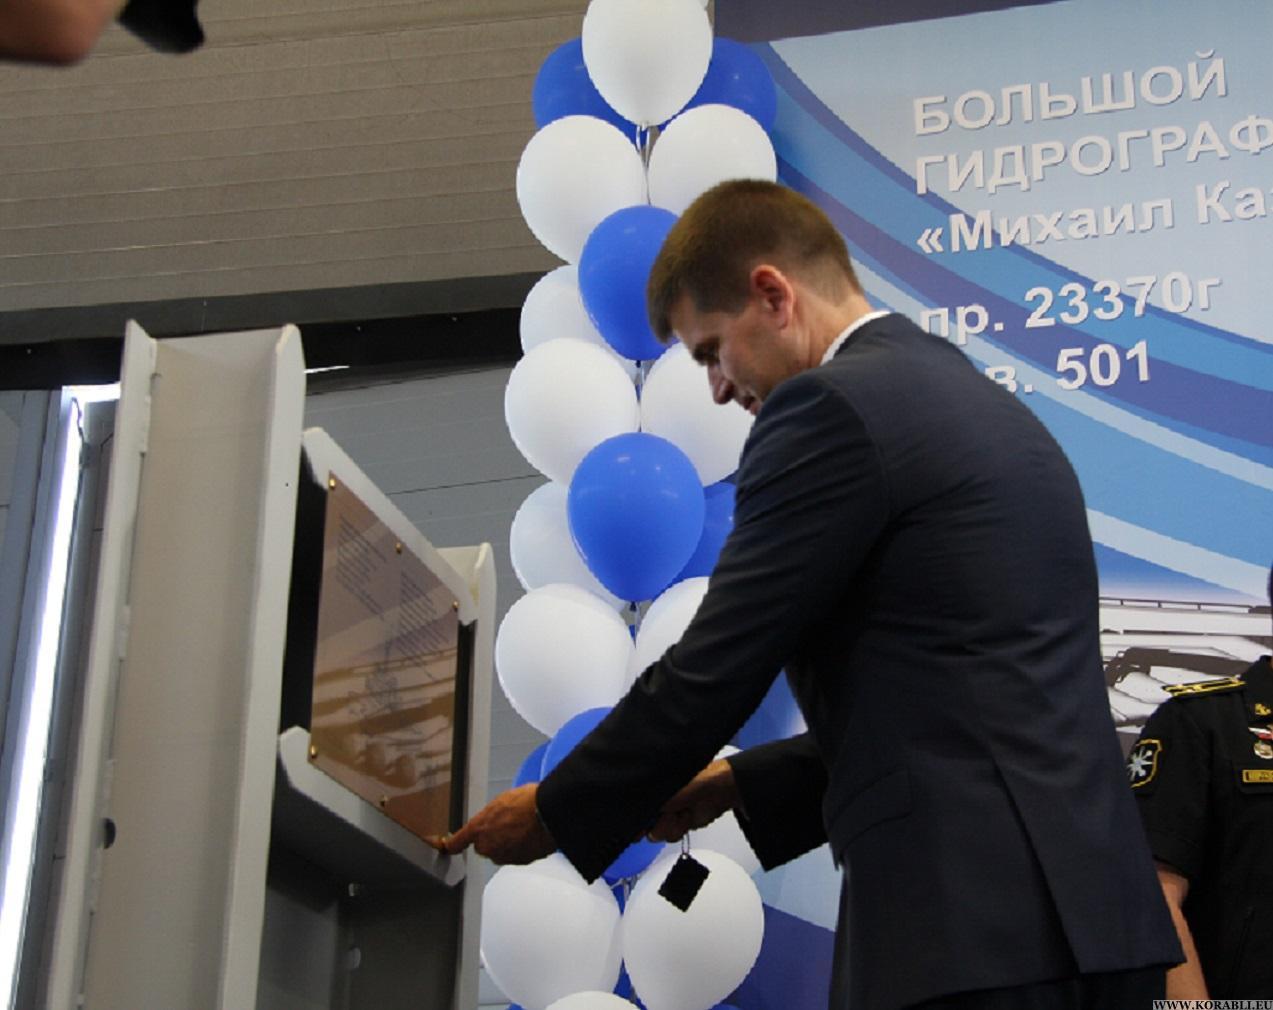 kater-mihail-kazanskiy_0 (1)